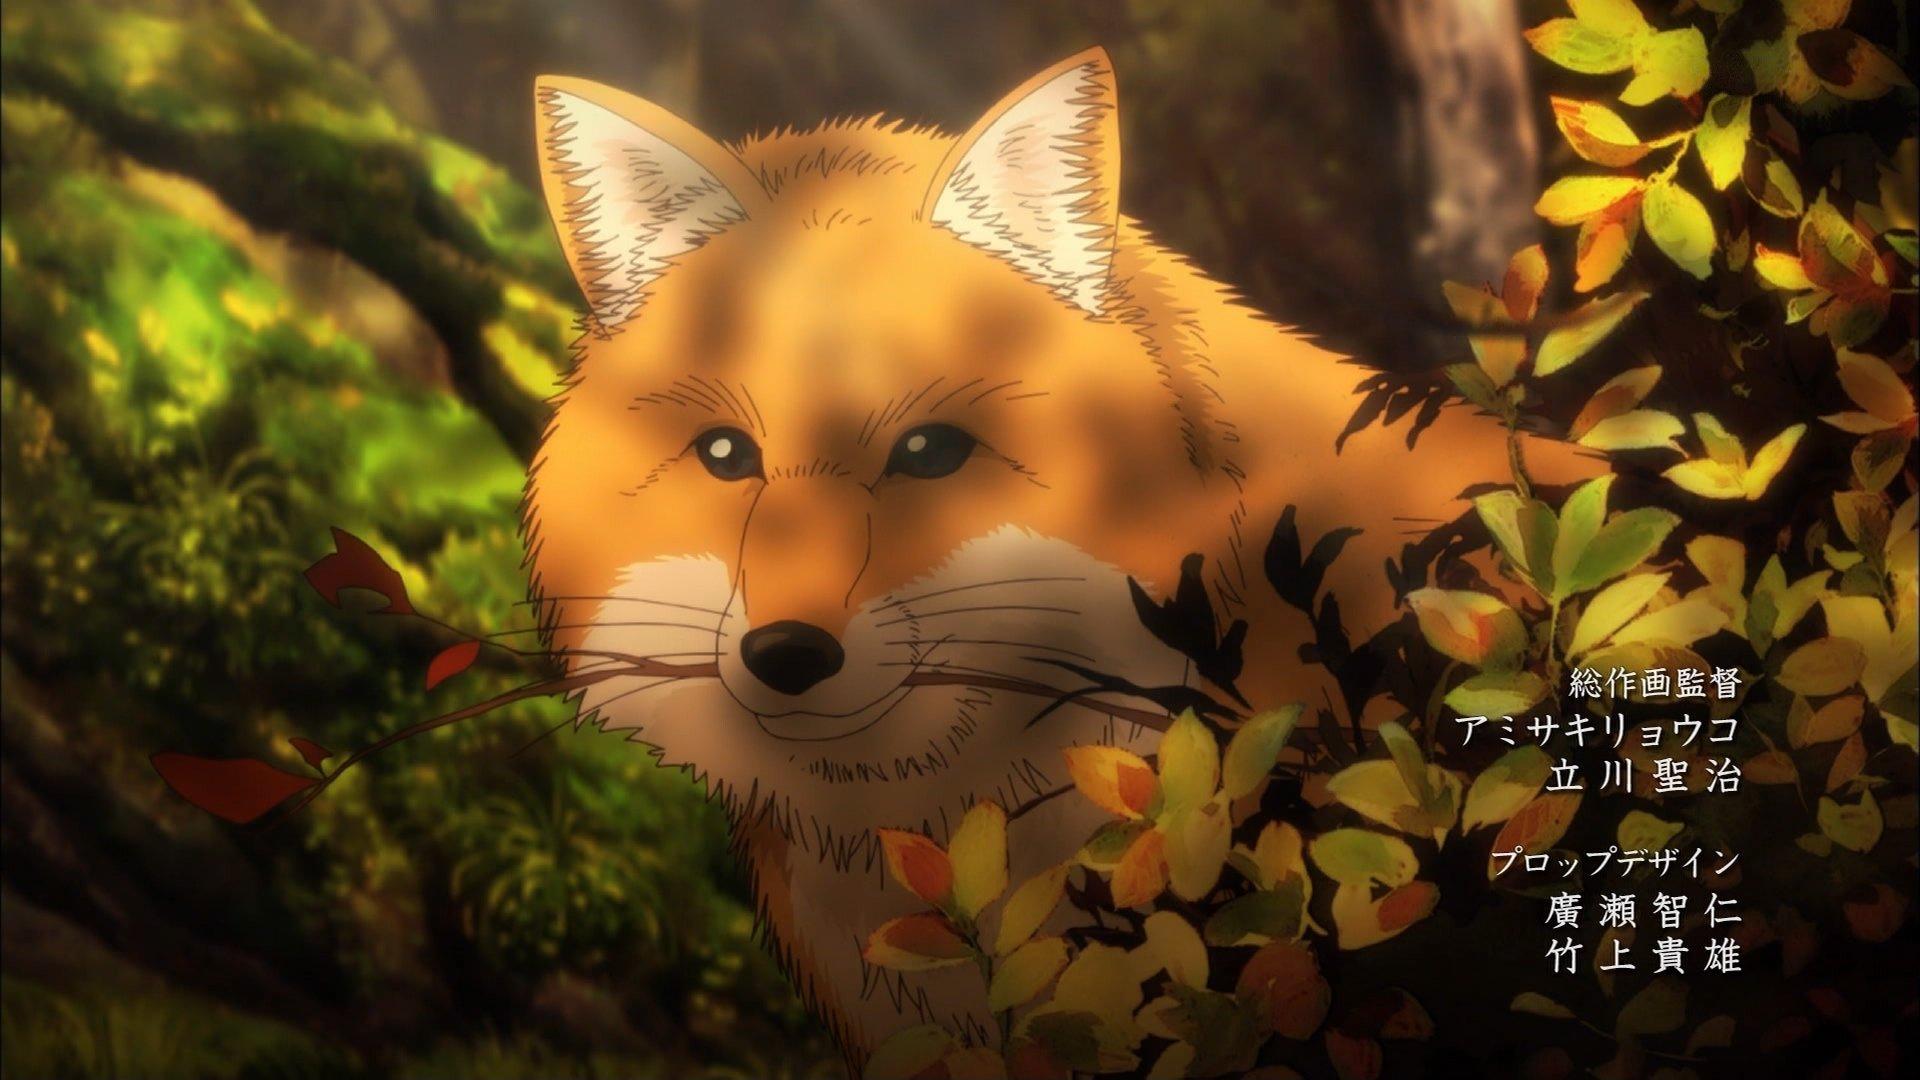 キツネ #キノの旅 #kinonotabi #bs11 https://t.co/jQ4wPUifRq